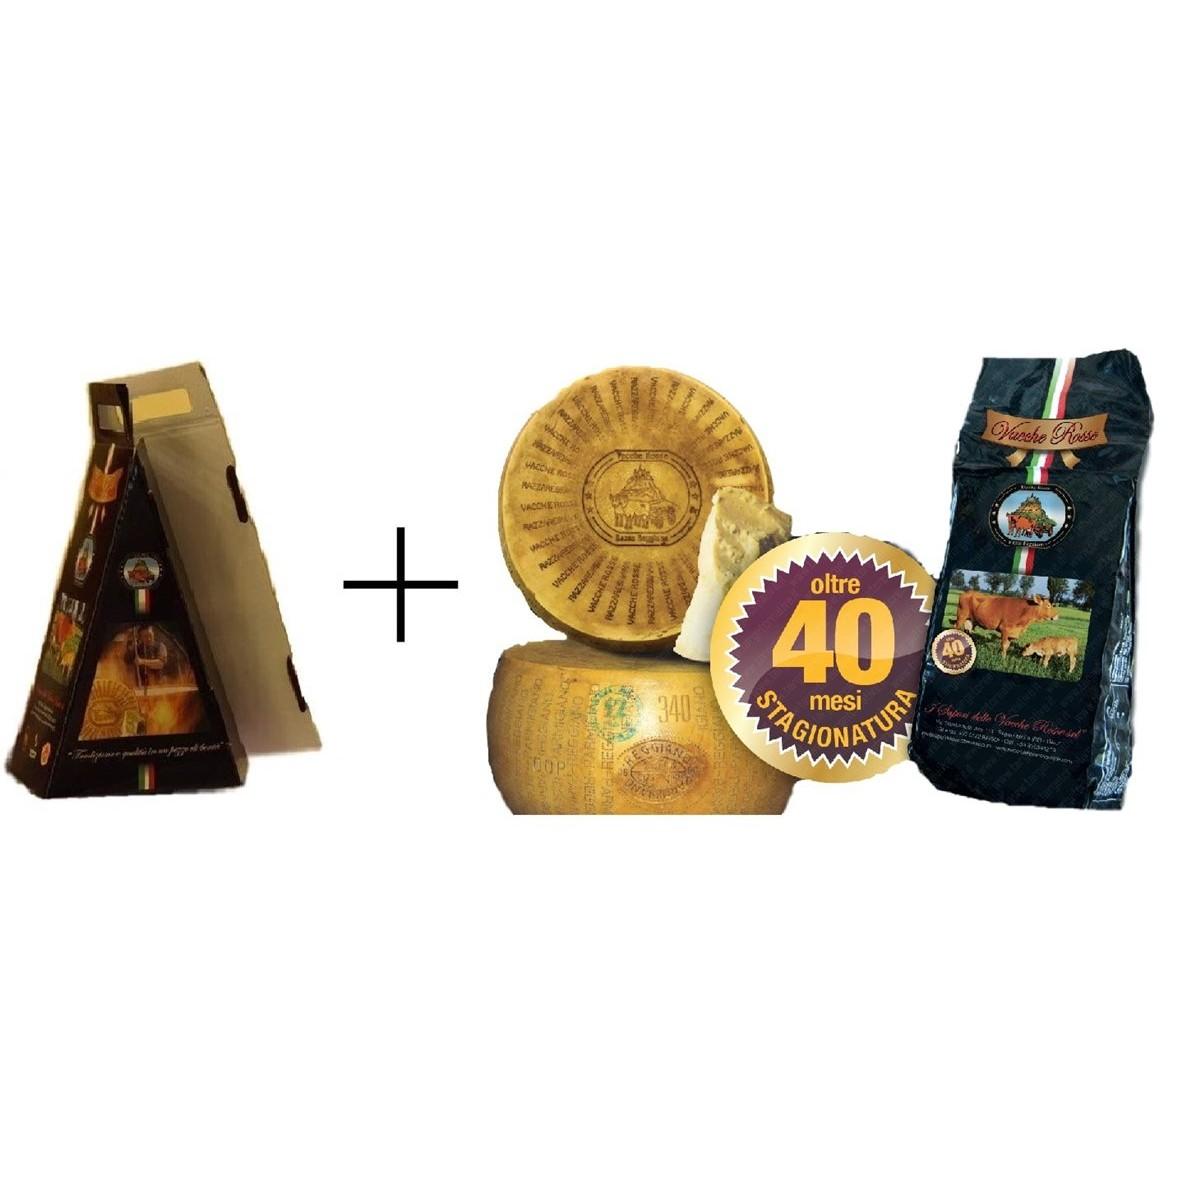 2 Geschenkboxen (2 x 0,5Kg) - Parmigiano Reggiano Vacche Rosse Vakuumverpackt von 0,5 Kg RISERV